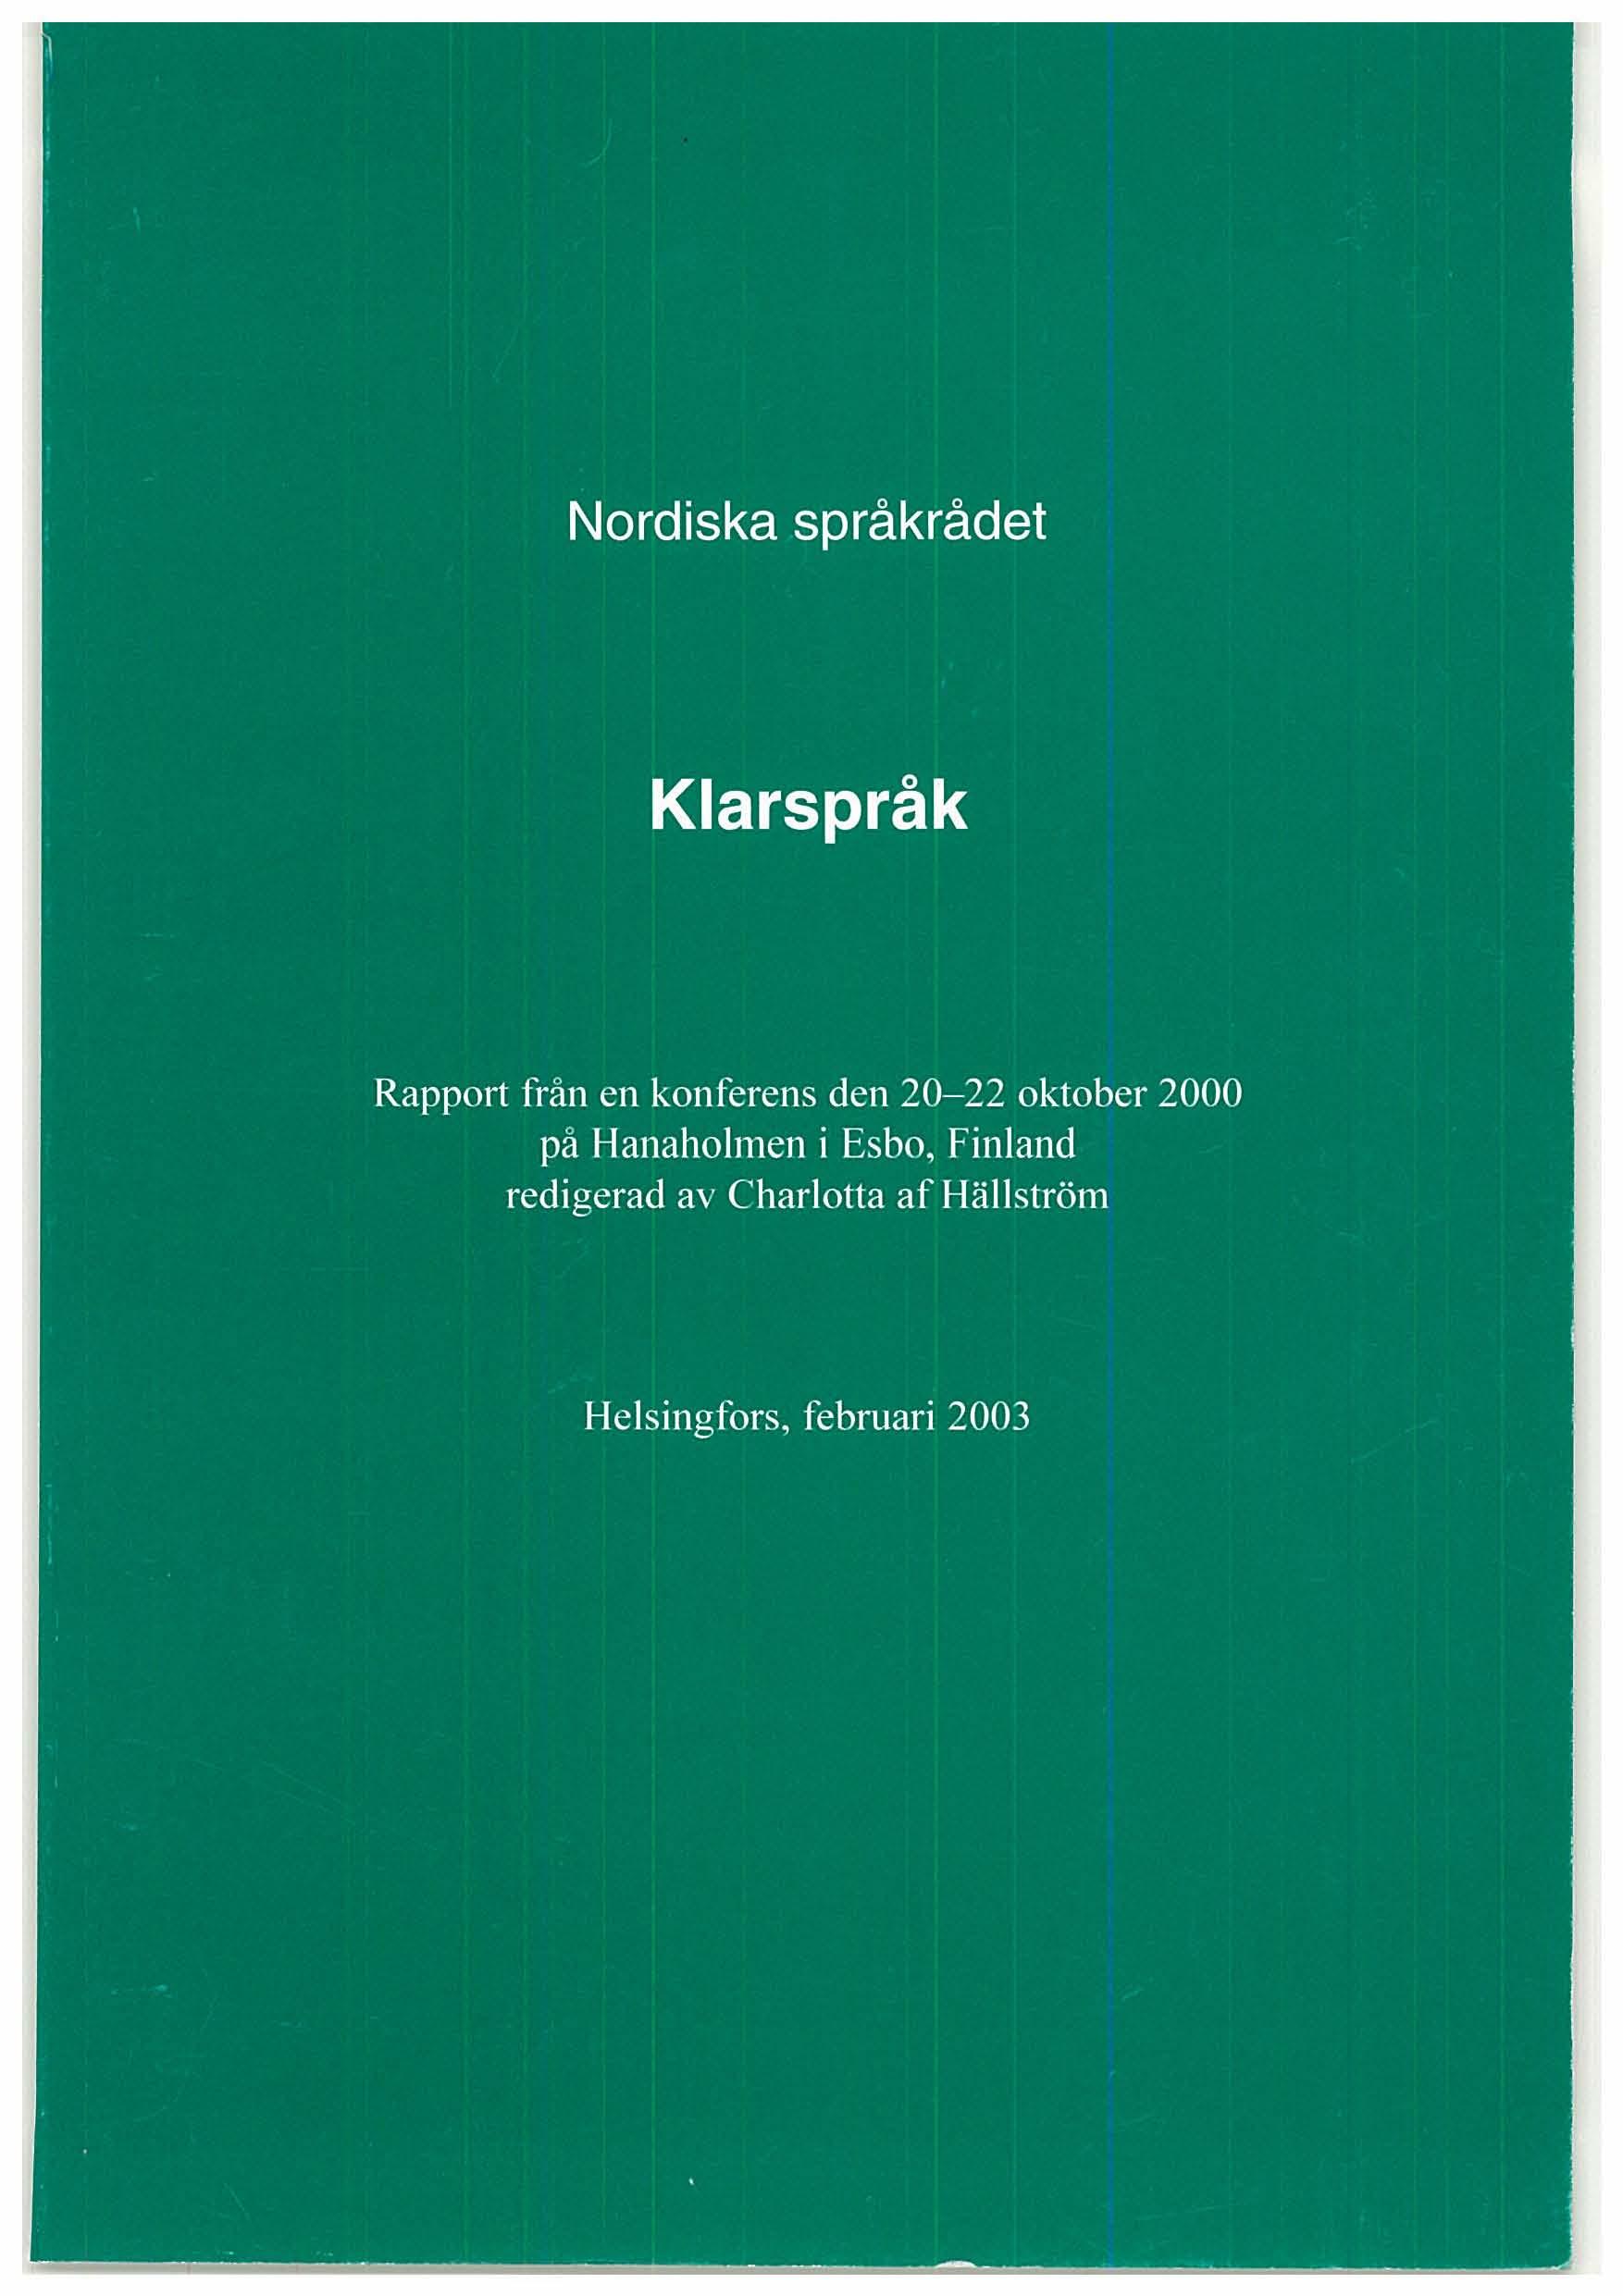 Se 2003: Klarspråk - Rapport från en konferens den 20-22 oktober 2000 på Hanaholmen i Esbo, Finland redigerad av Charlotta af Hal